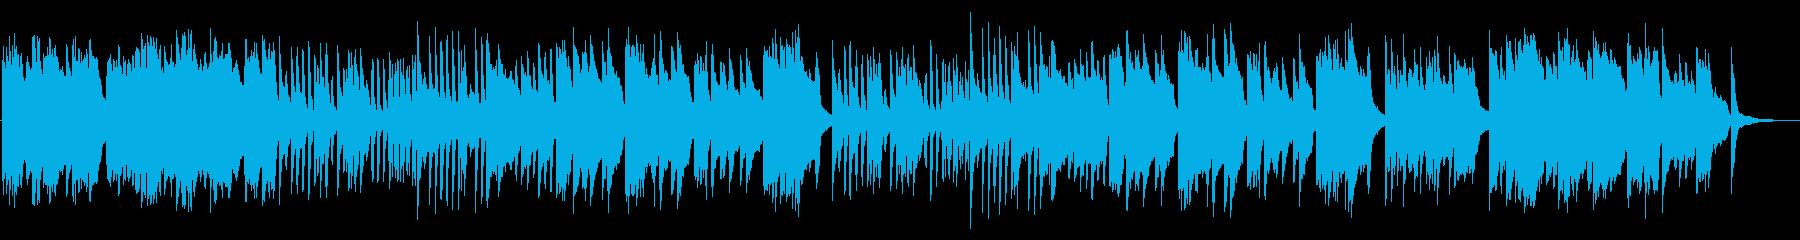 きらきらとしたフレーズ多めの3拍子の曲の再生済みの波形